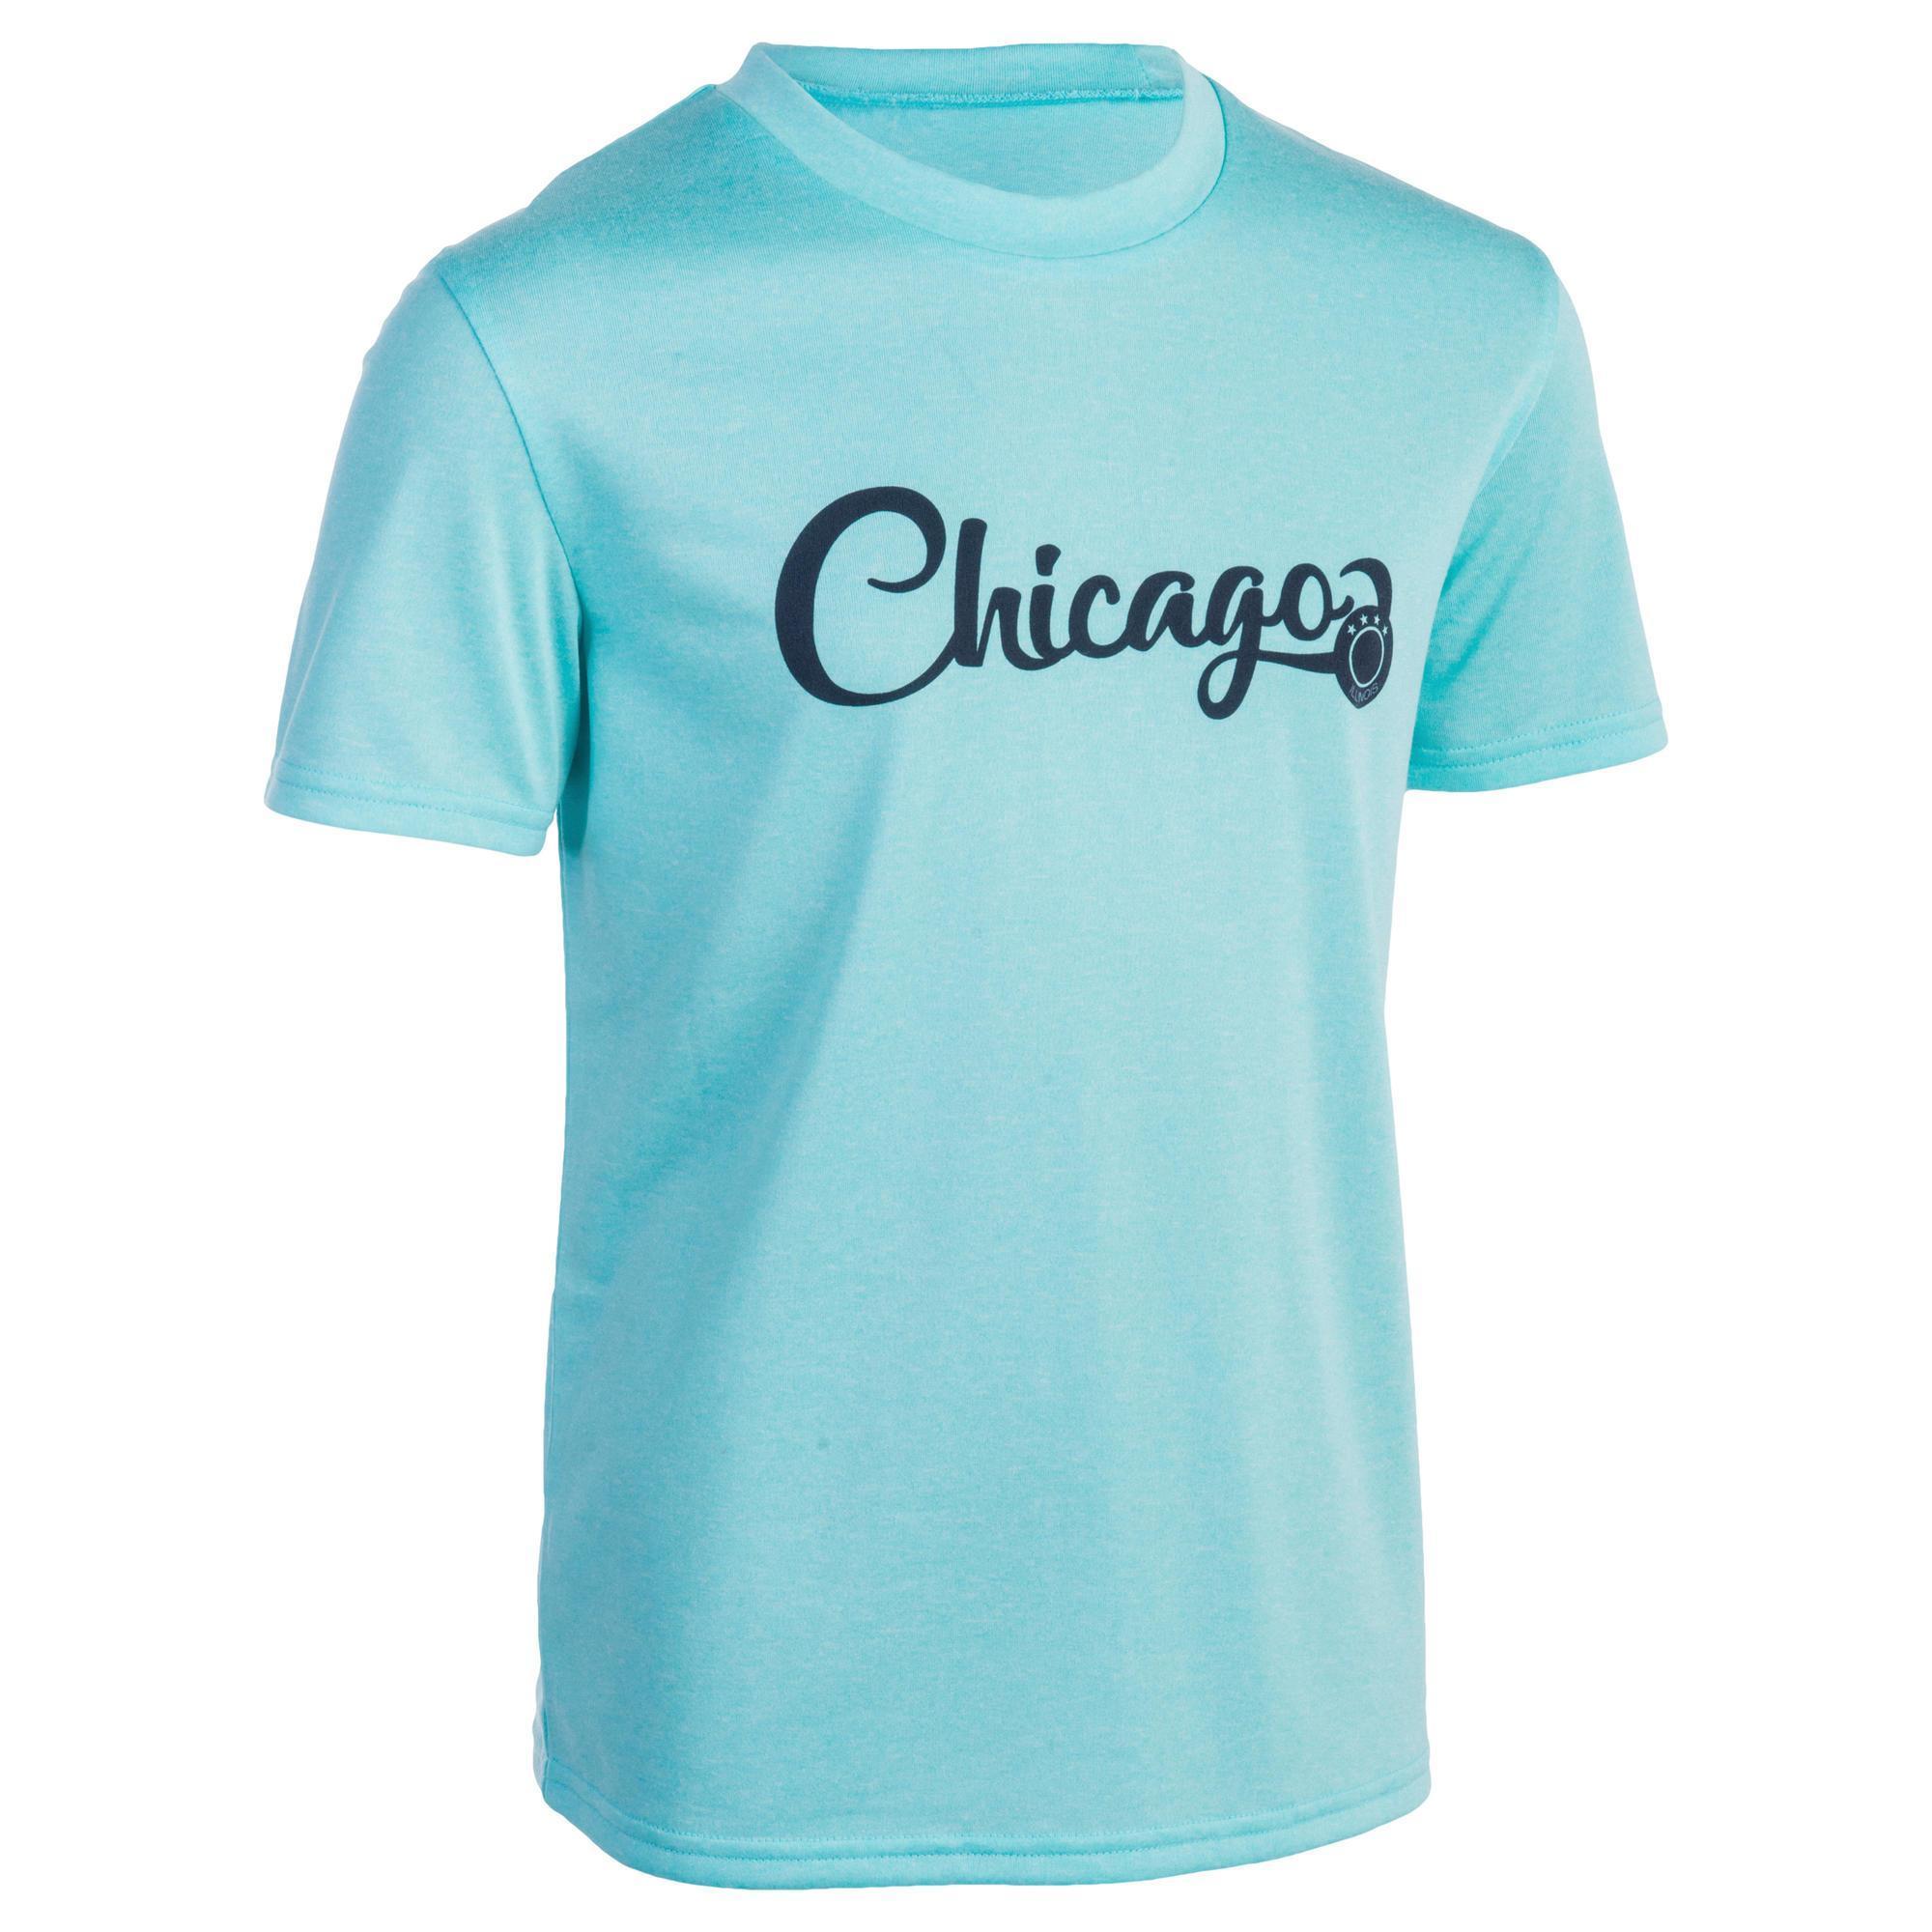 Tarmak Basketbal T-shirt Fast Chicago kinderen kopen met voordeel